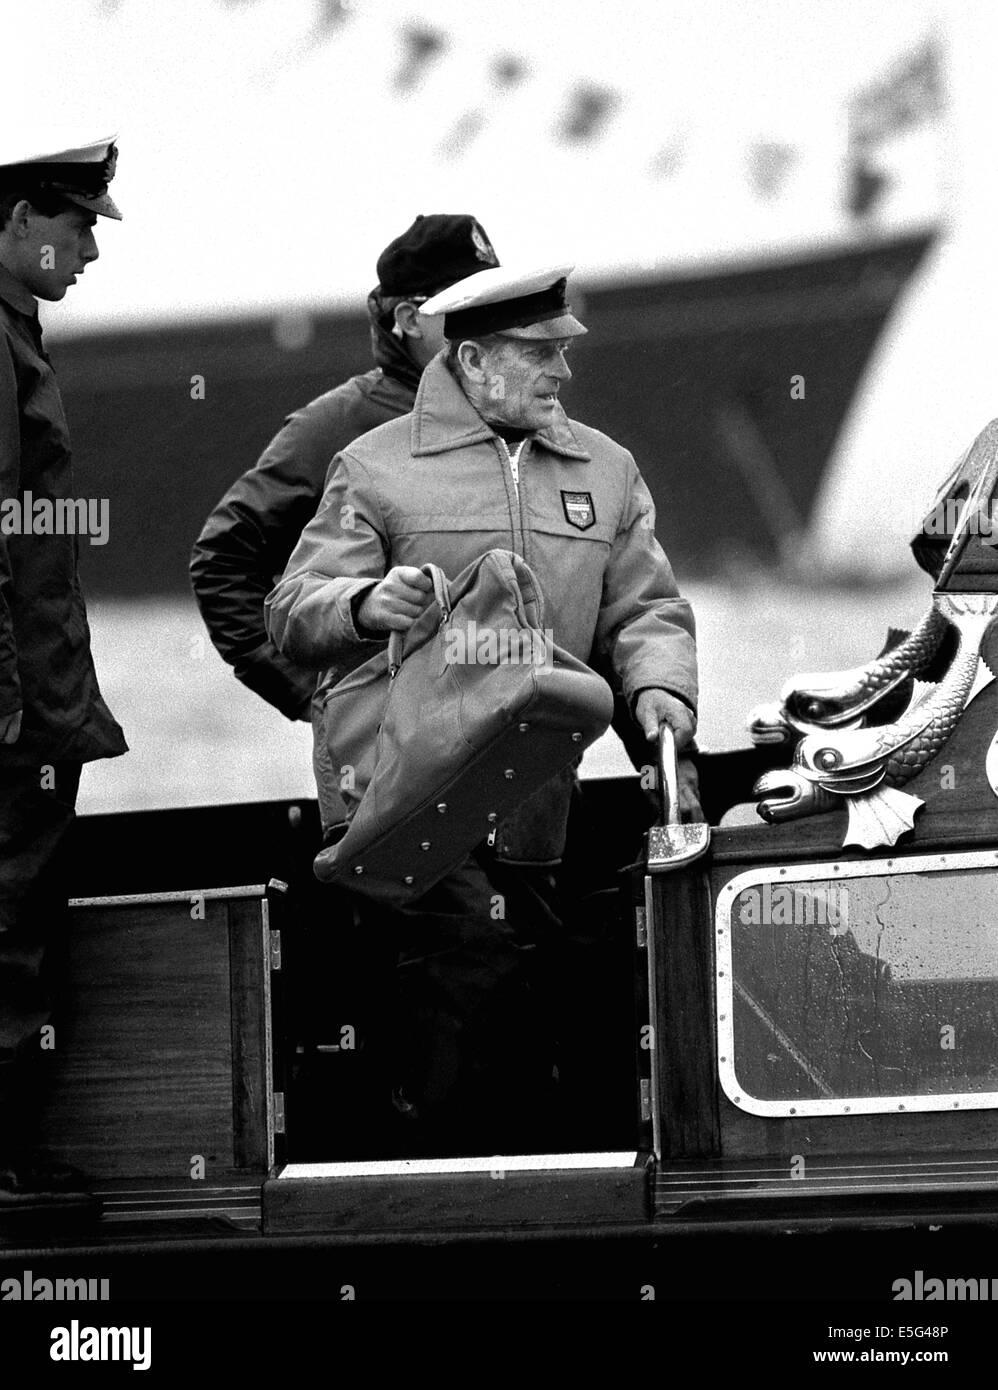 AJAXNETPHOTO. Agosto, 1985. COWES, Inglaterra, - el duque SE UNE A VELERO - Su Alteza Real el Príncipe Felipe, Imagen De Stock